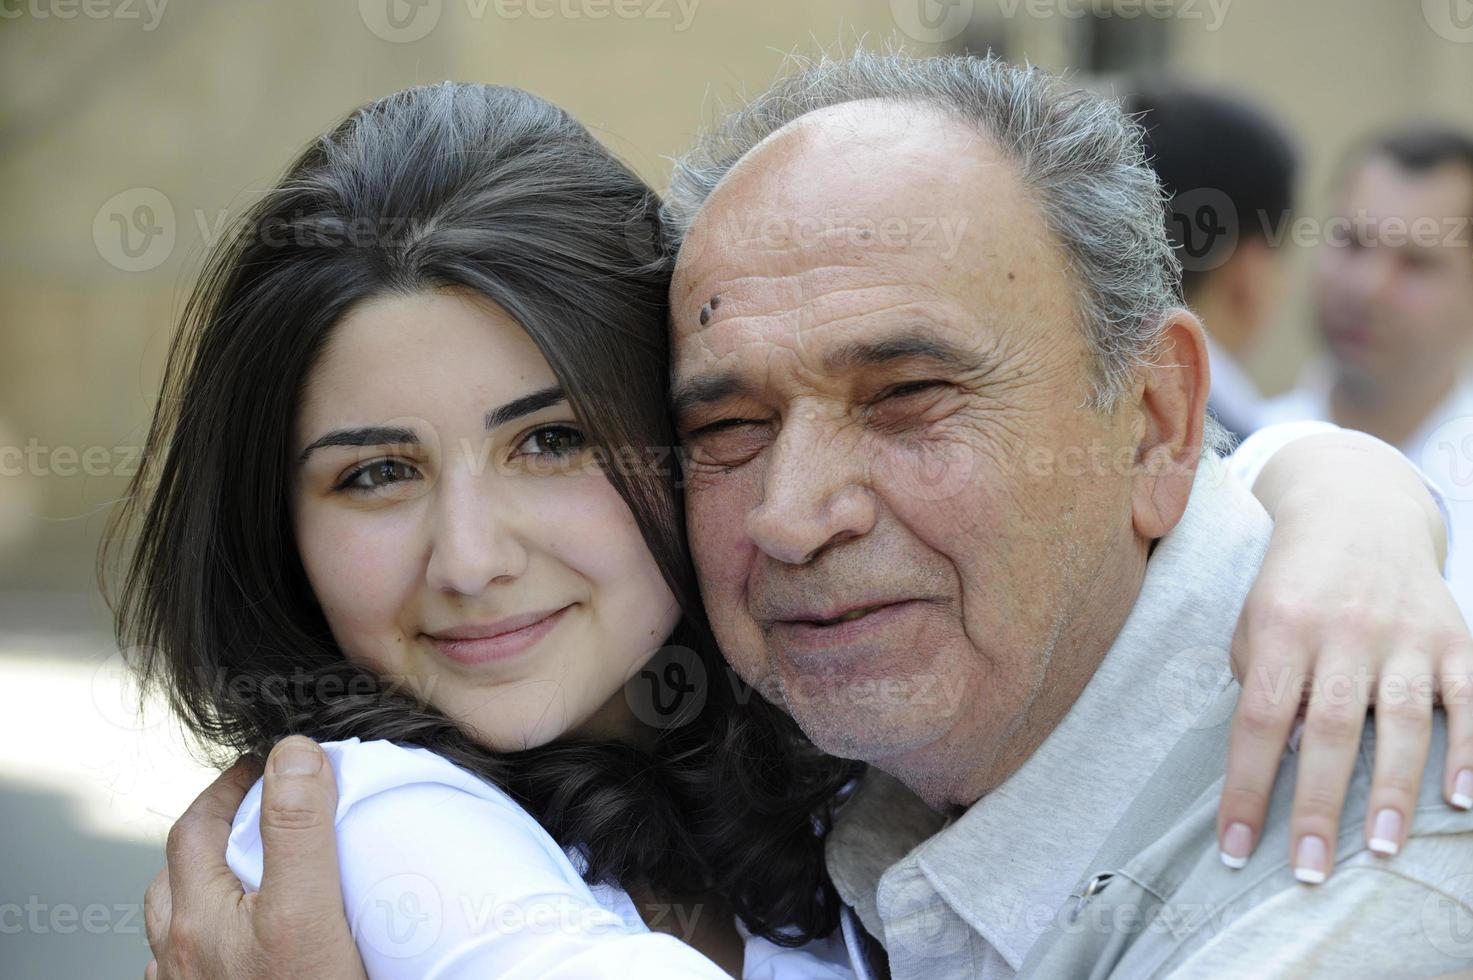 étreindre et sourire grand-père avec petit-enfant photo